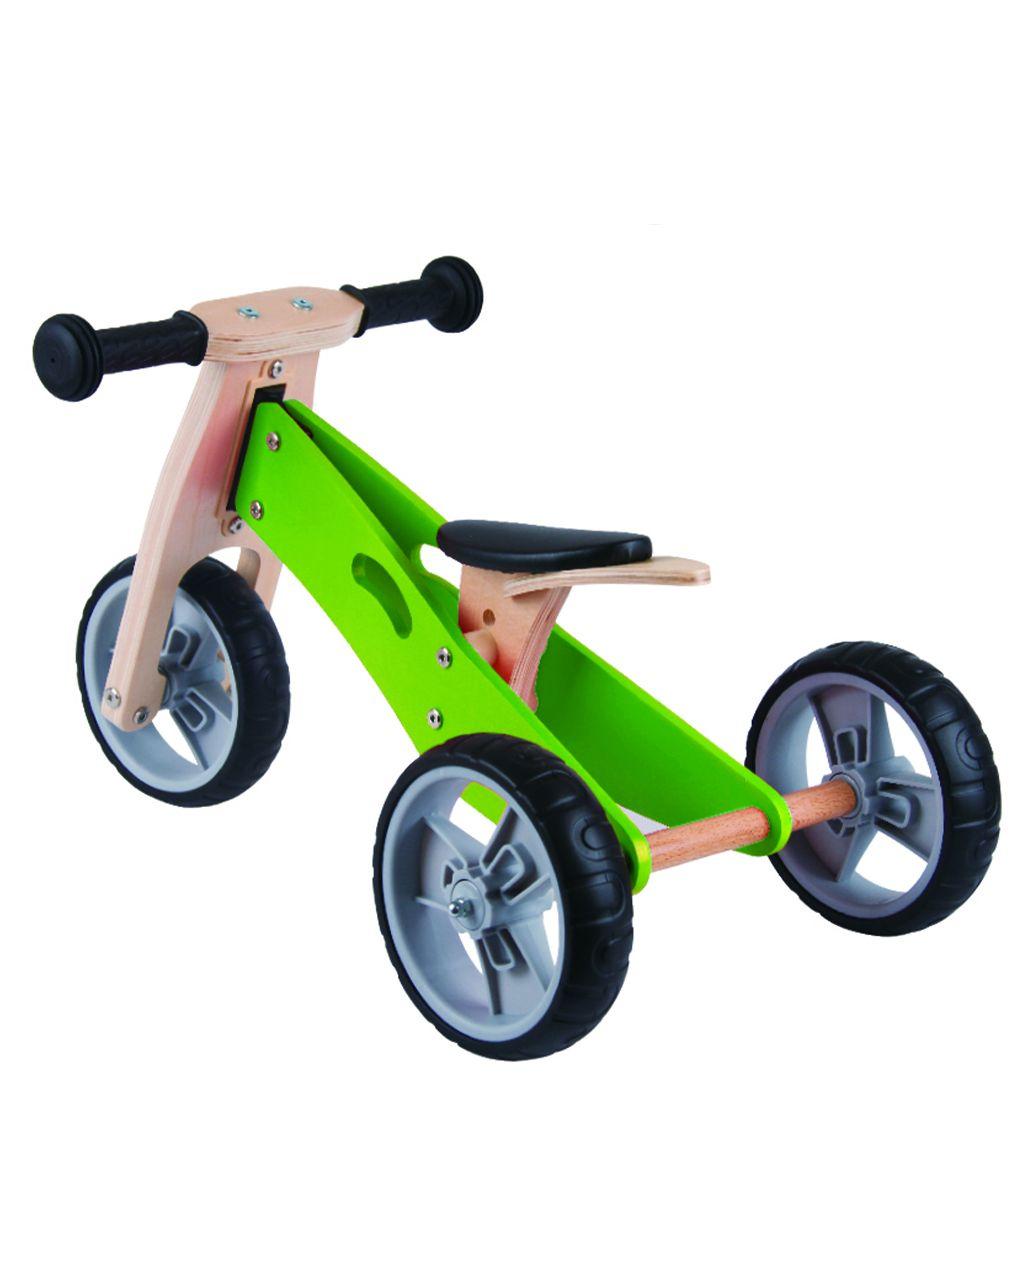 Udeas - minibike 2 em 1 - verde - Udeas